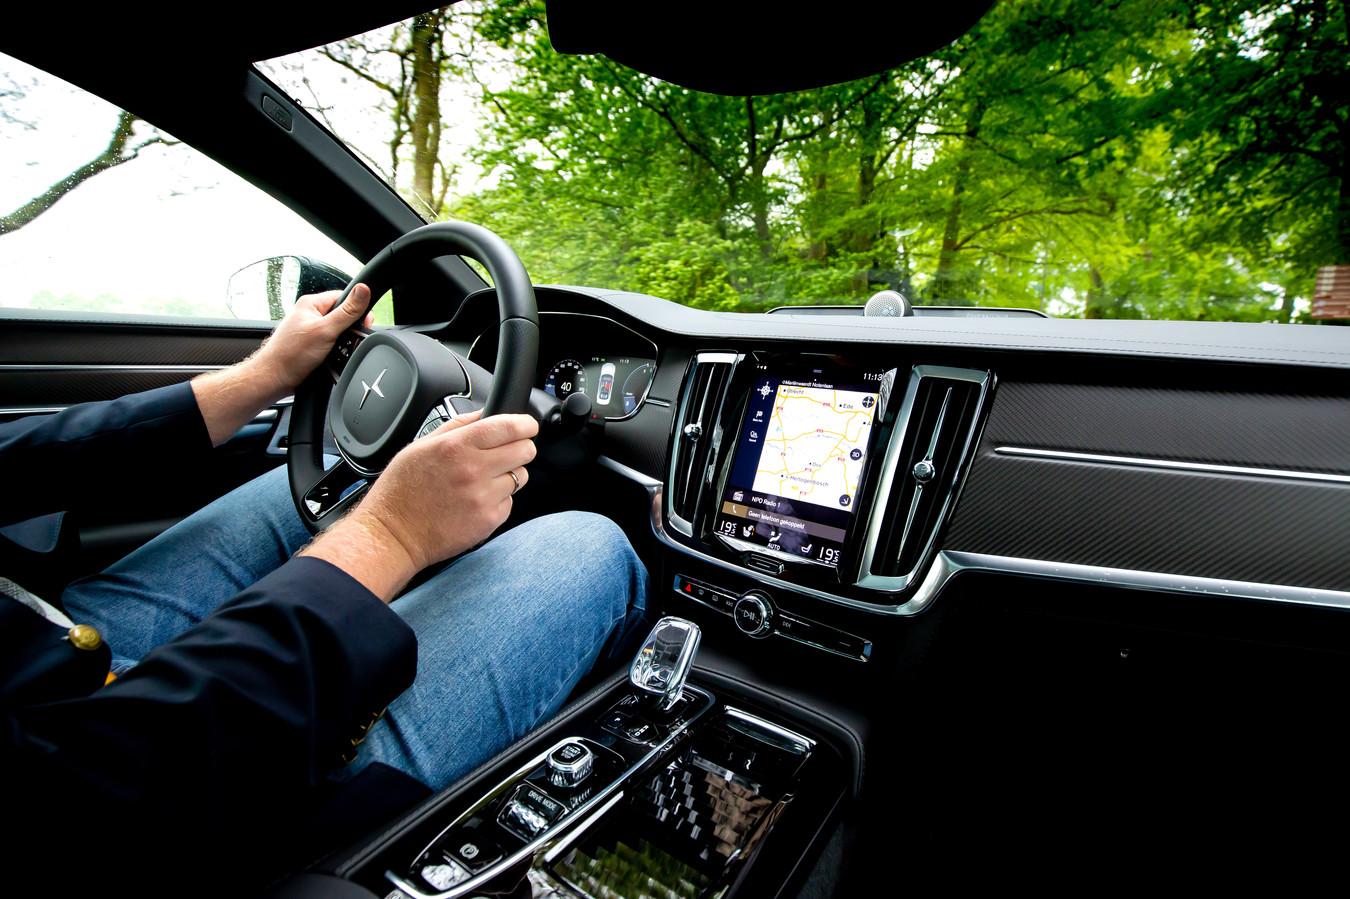 Het dashboard stamt - op wat logo's na - volledig uit bestaande Volvo-modellen. FOTO BART HOOGVELD